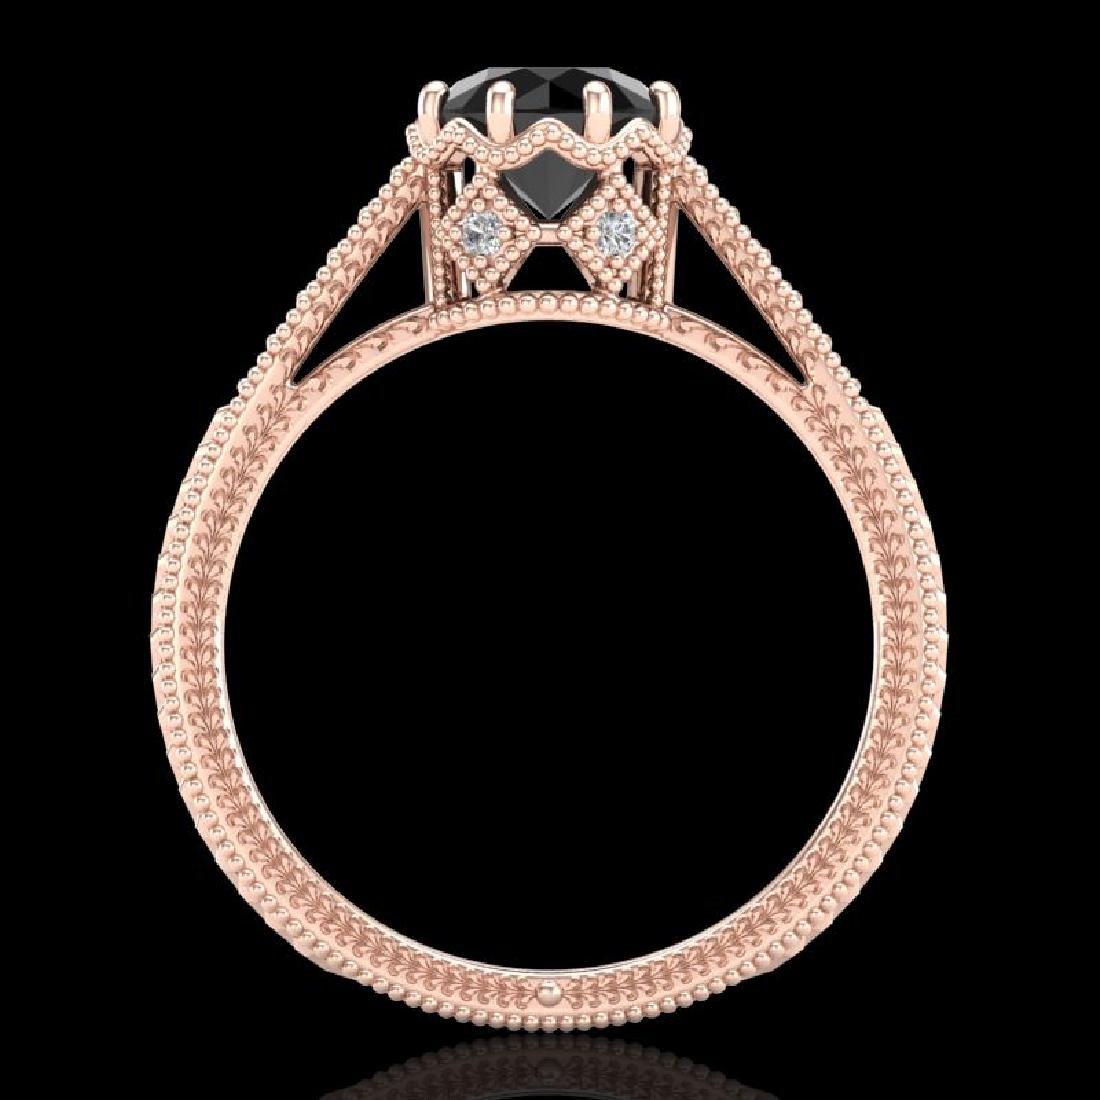 1.25 CTW Fancy Black Diamond Solitaire Engagement Art - 3